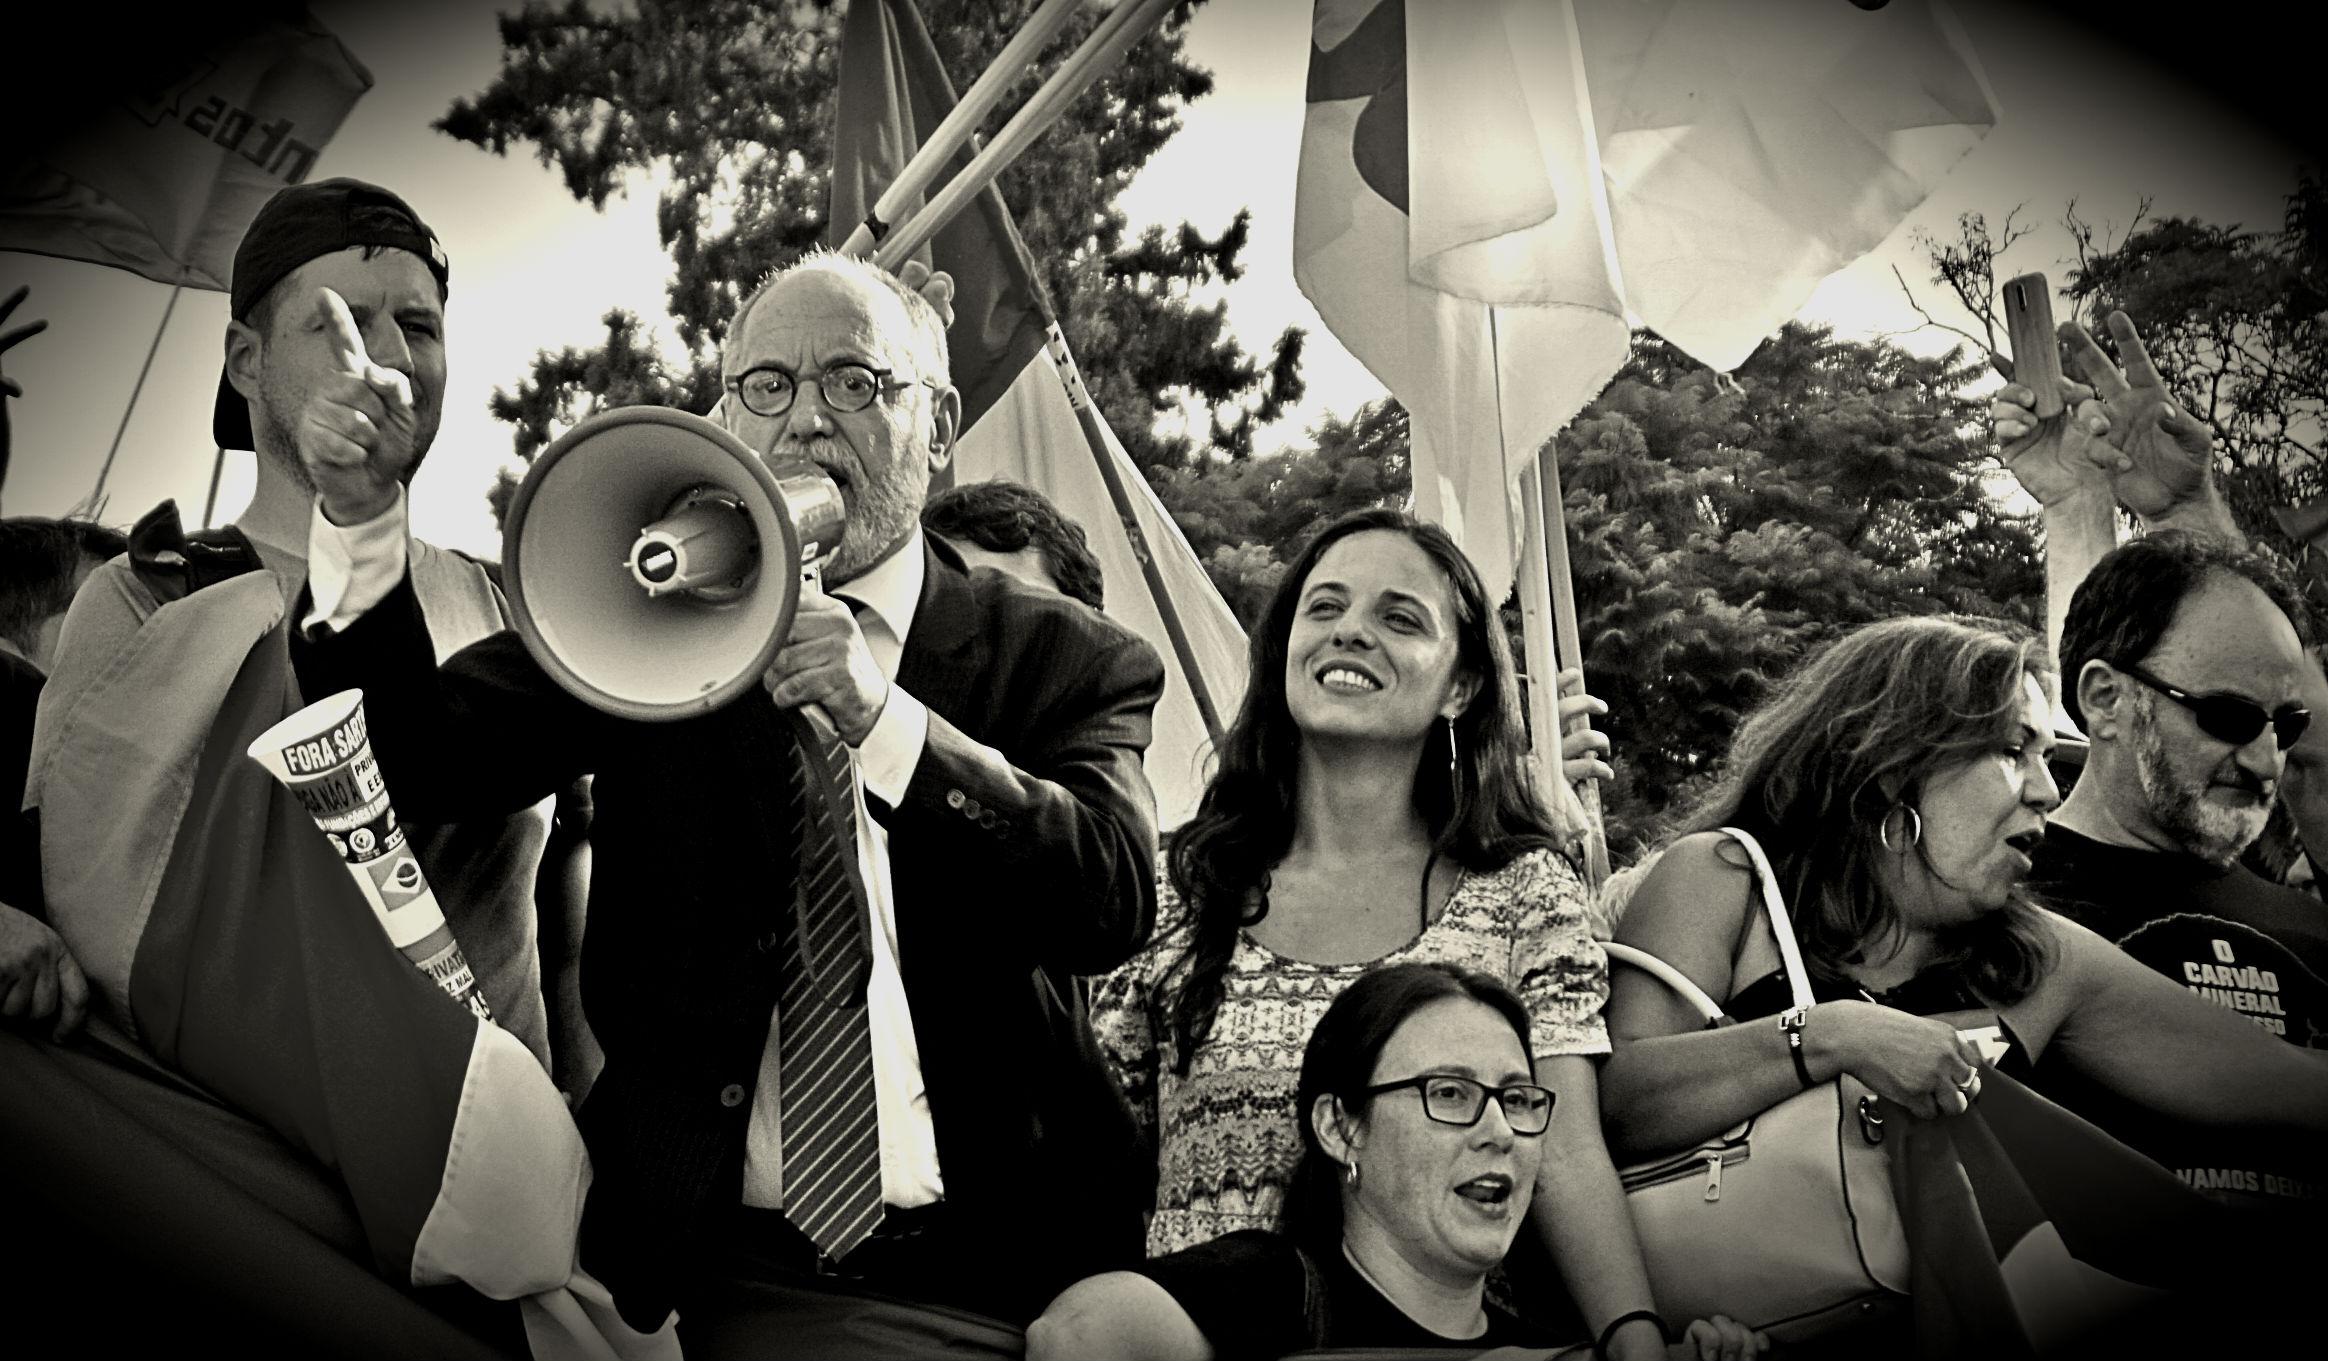 Pedro Ruas mobiliza para campanha de reeleição a deputado estadual no RS